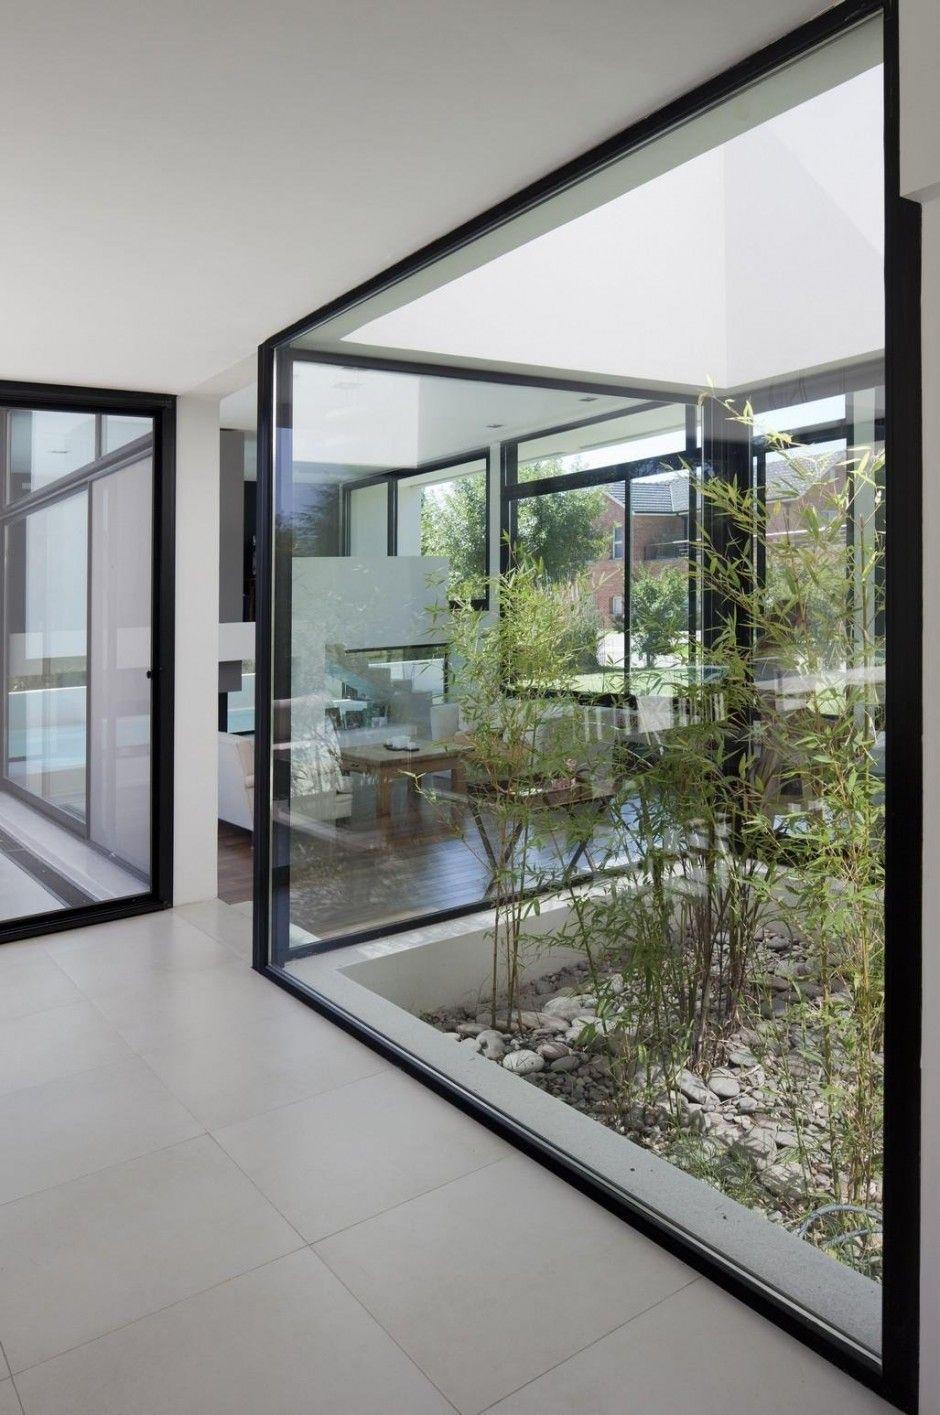 haus mit durchblick inspirationen haus architektur. Black Bedroom Furniture Sets. Home Design Ideas